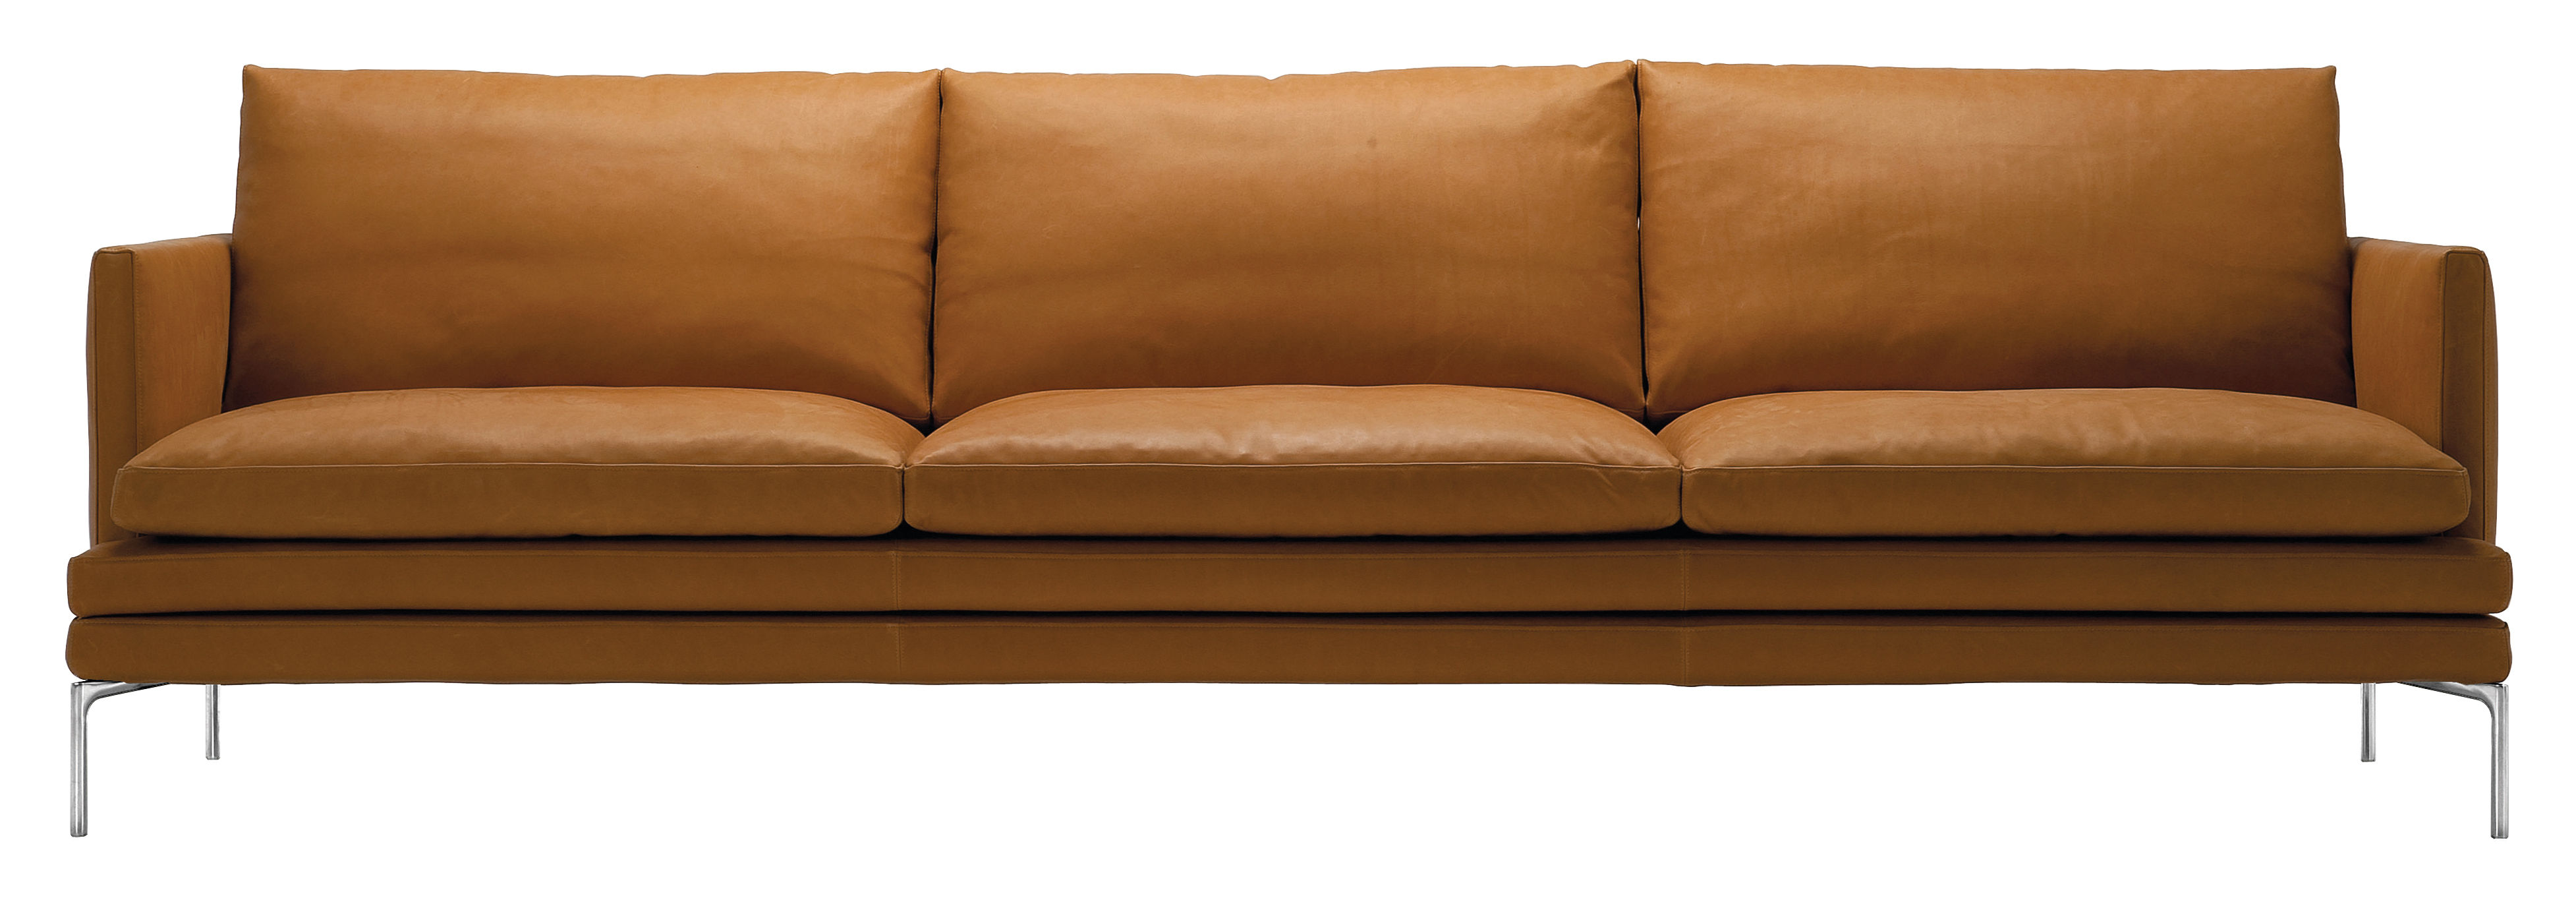 Mobilier - Canapés - Canapé droit William / Cuir - 3 places - L 266 cm - Zanotta - Marron clair Gold - Aluminium poli, Cuir